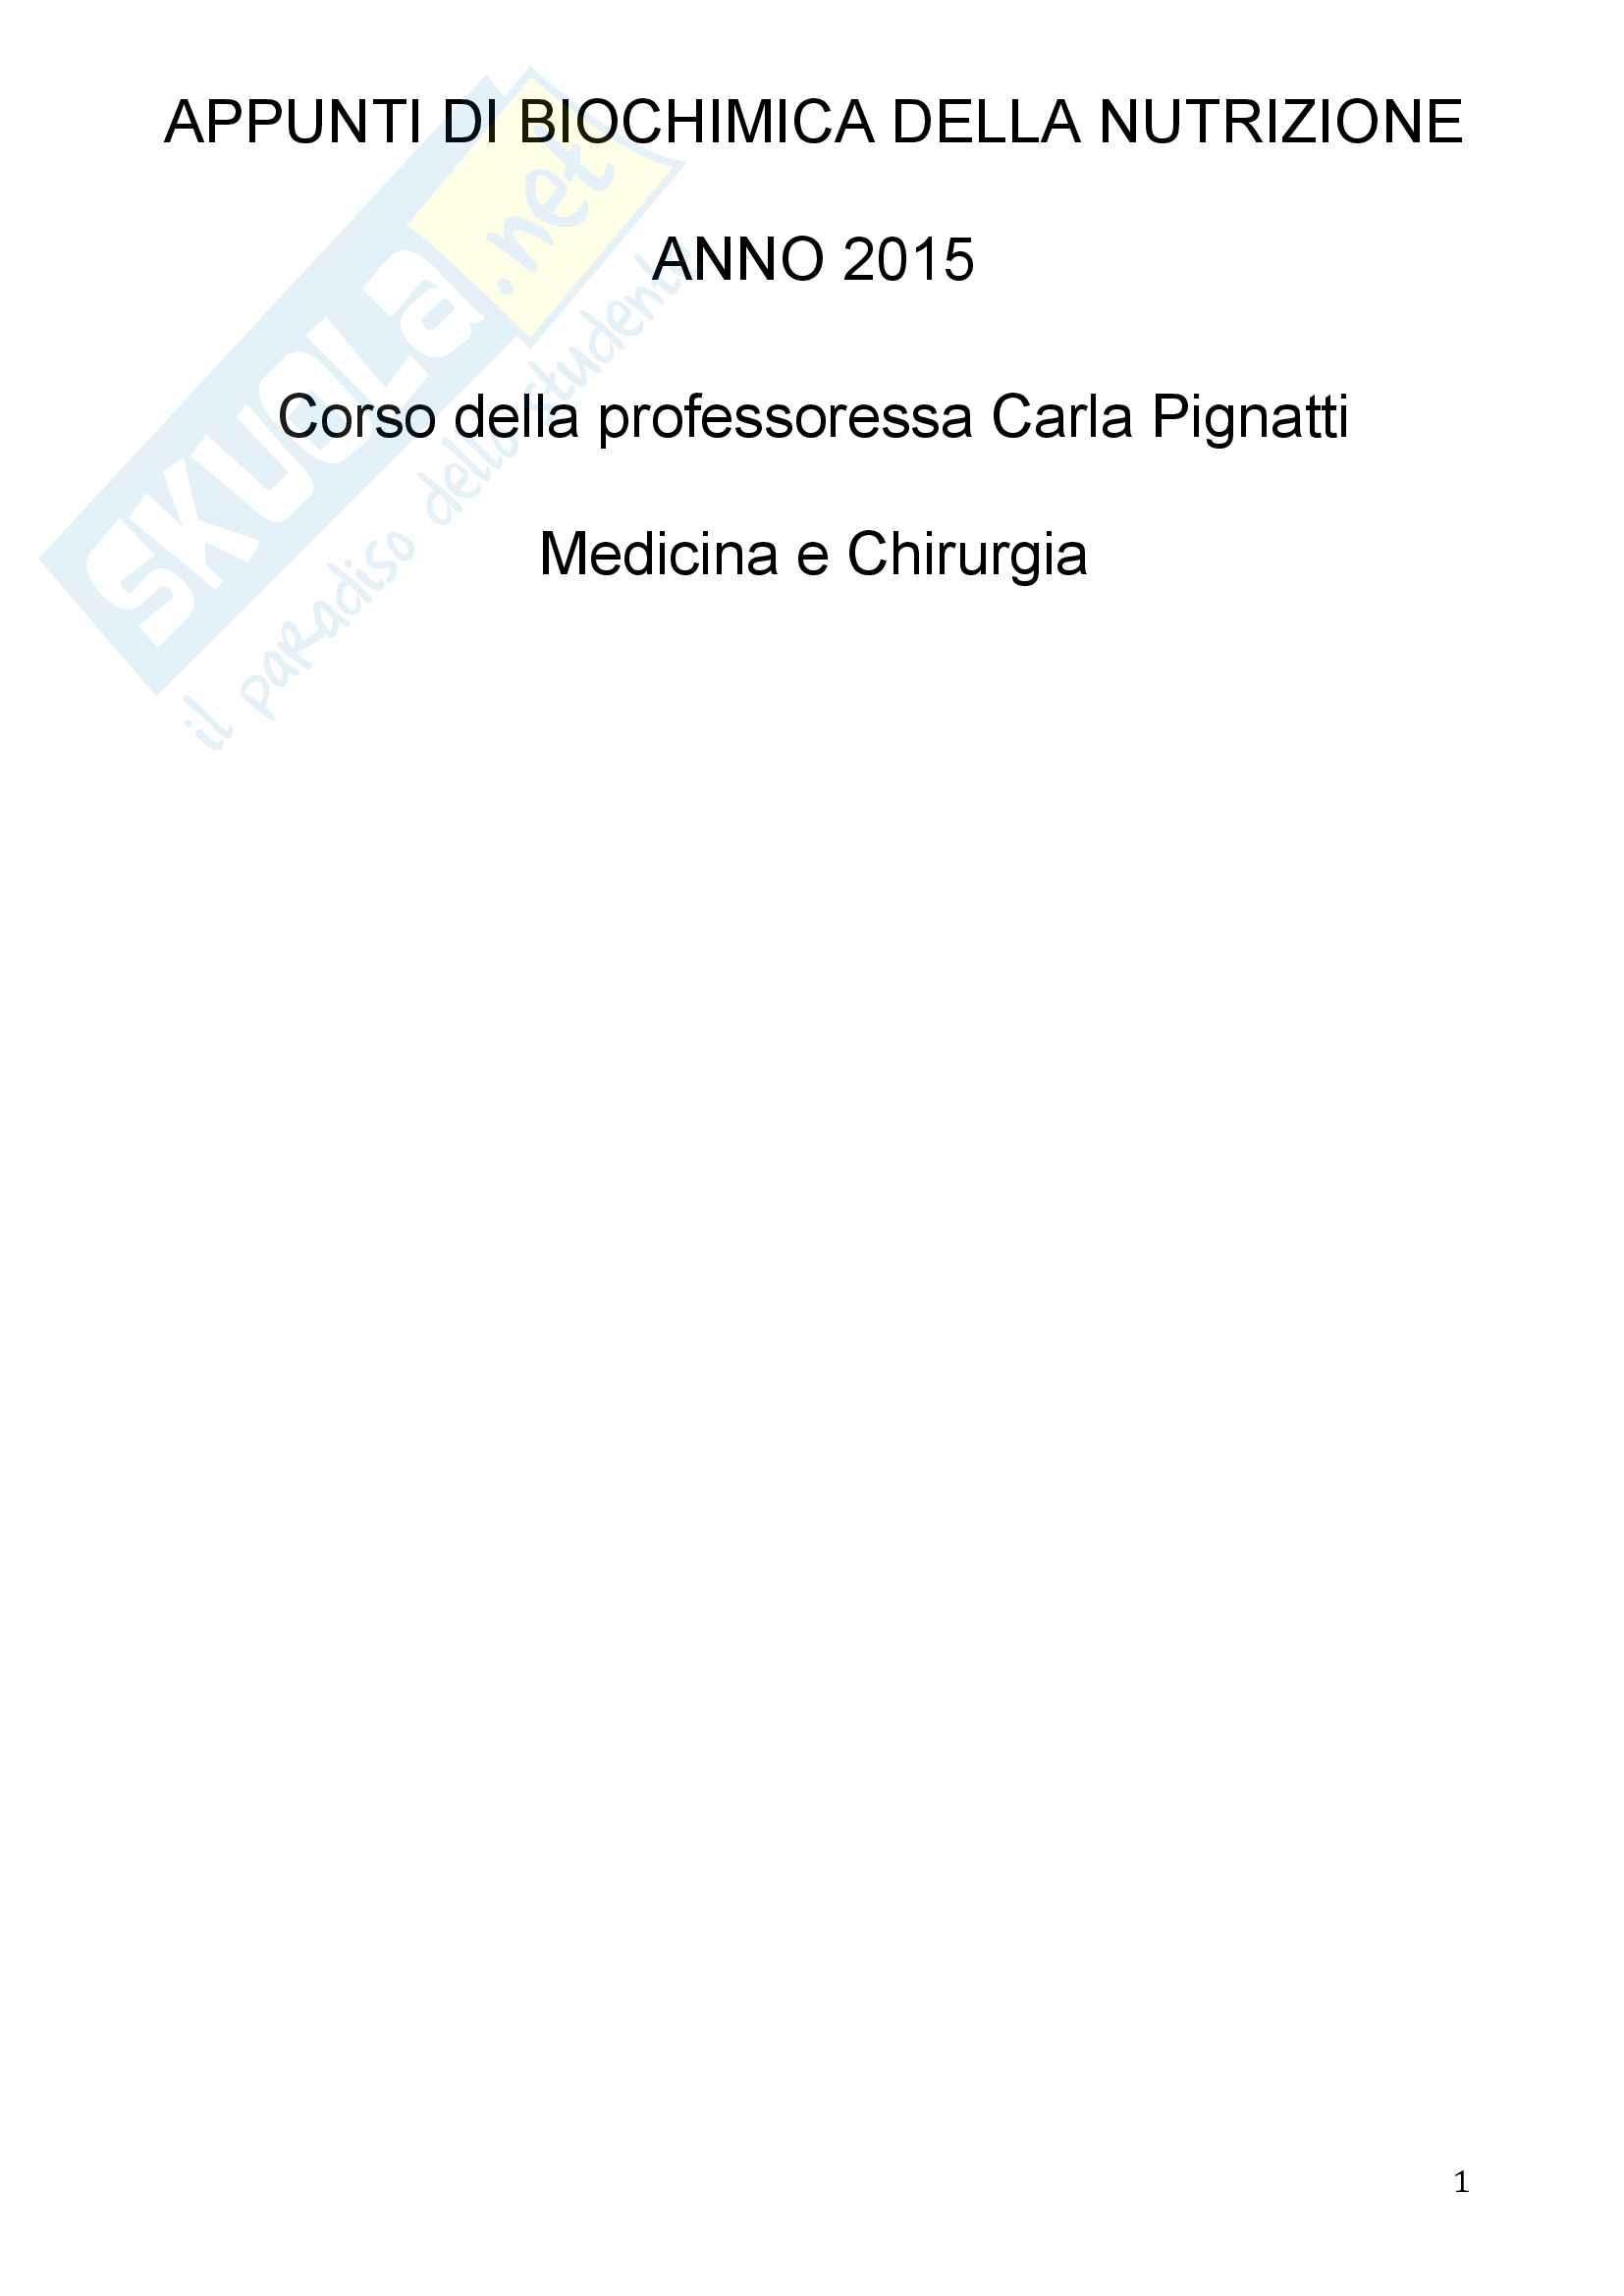 Appunti di biochimica della nutrizioneProfessoressa Carla Pignatti